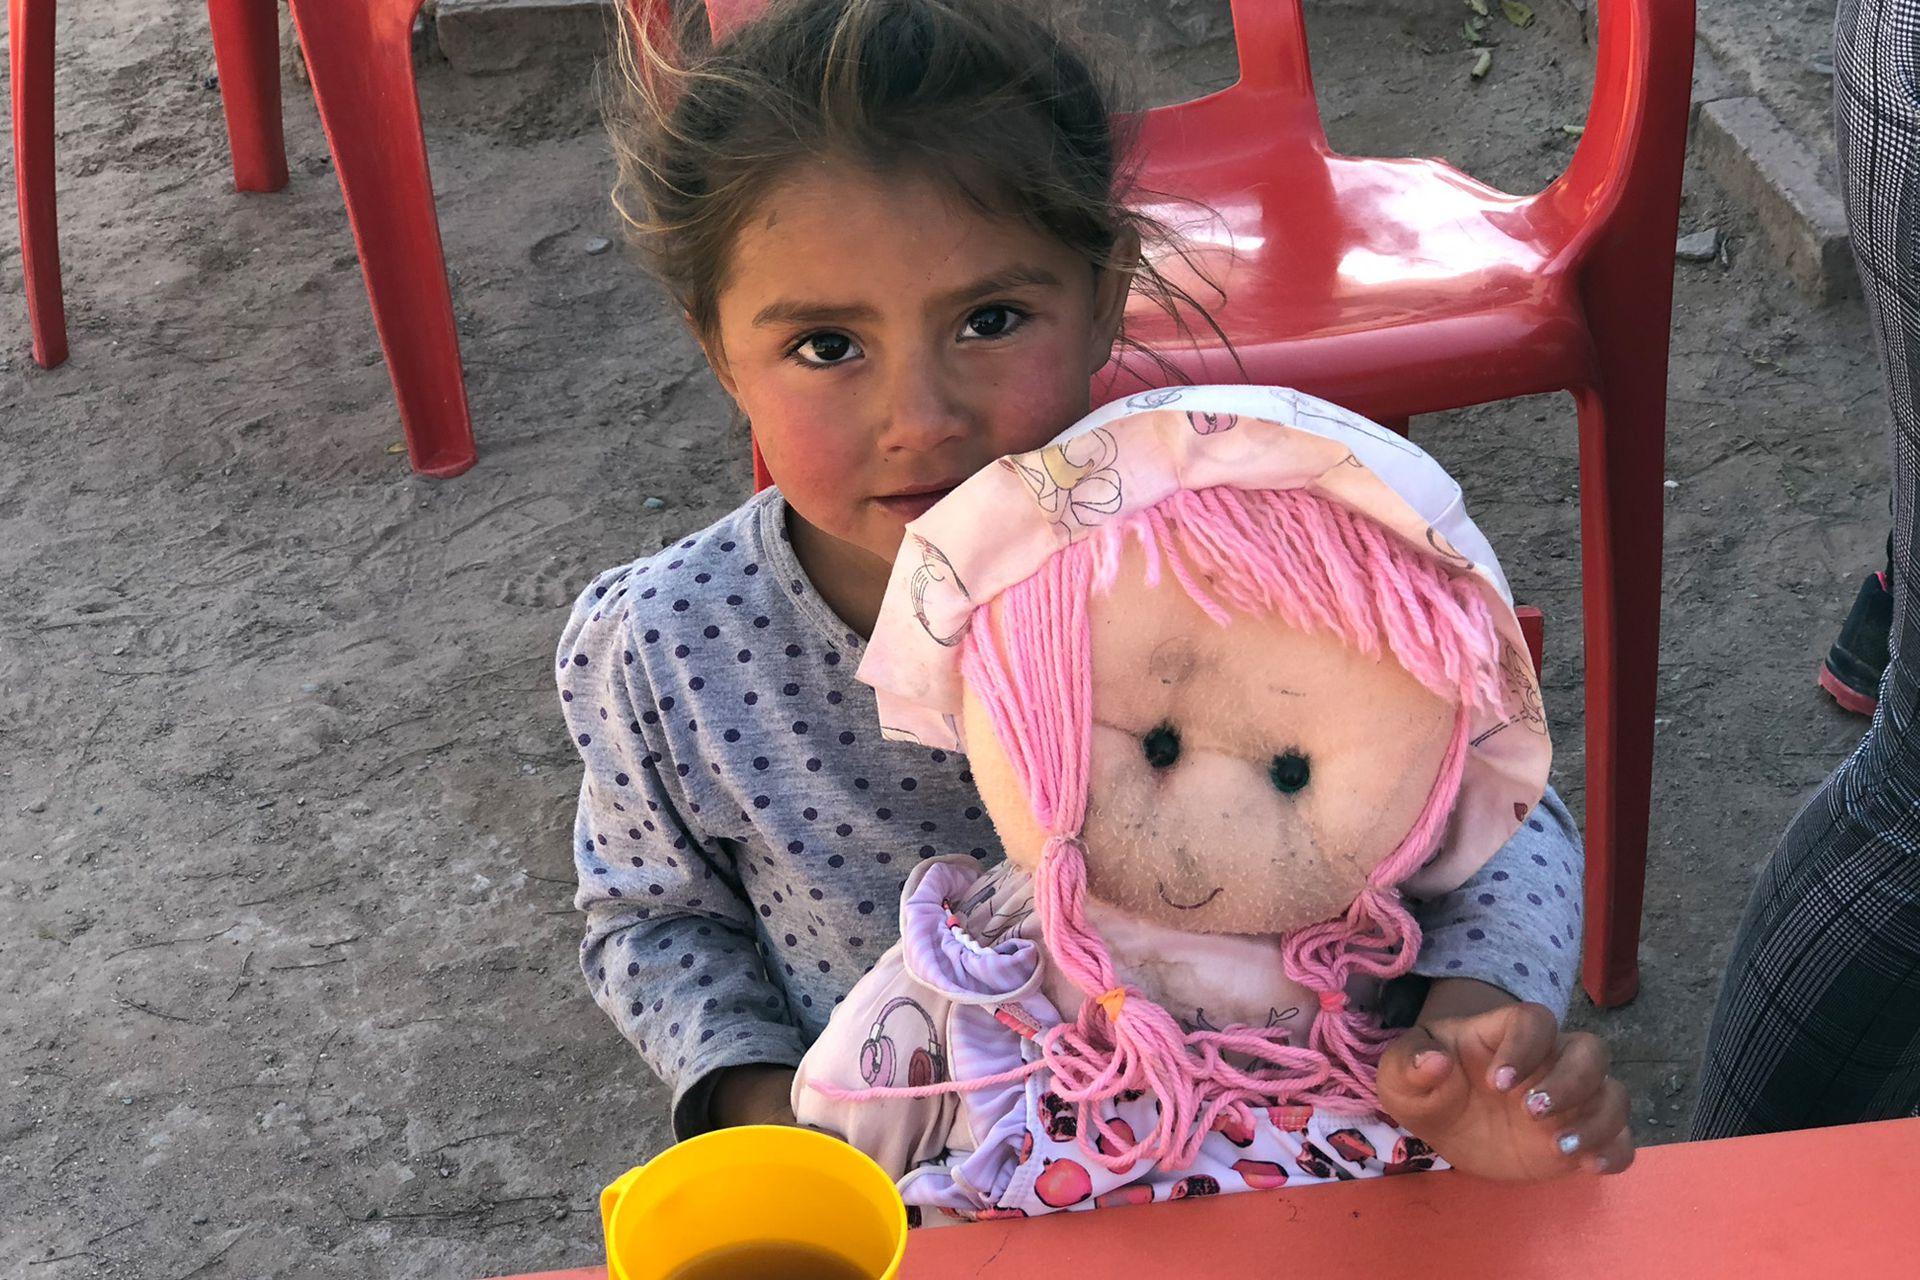 Una nena toma la merienda en el Espacio de Primera Infancia (EPI) de Manga Bajada junto a su muñeca. Consiste en mate cocido, libritos, alfajorcitos de maicena y facturas. El resto del tiempo reciben estimulación y atención médica.